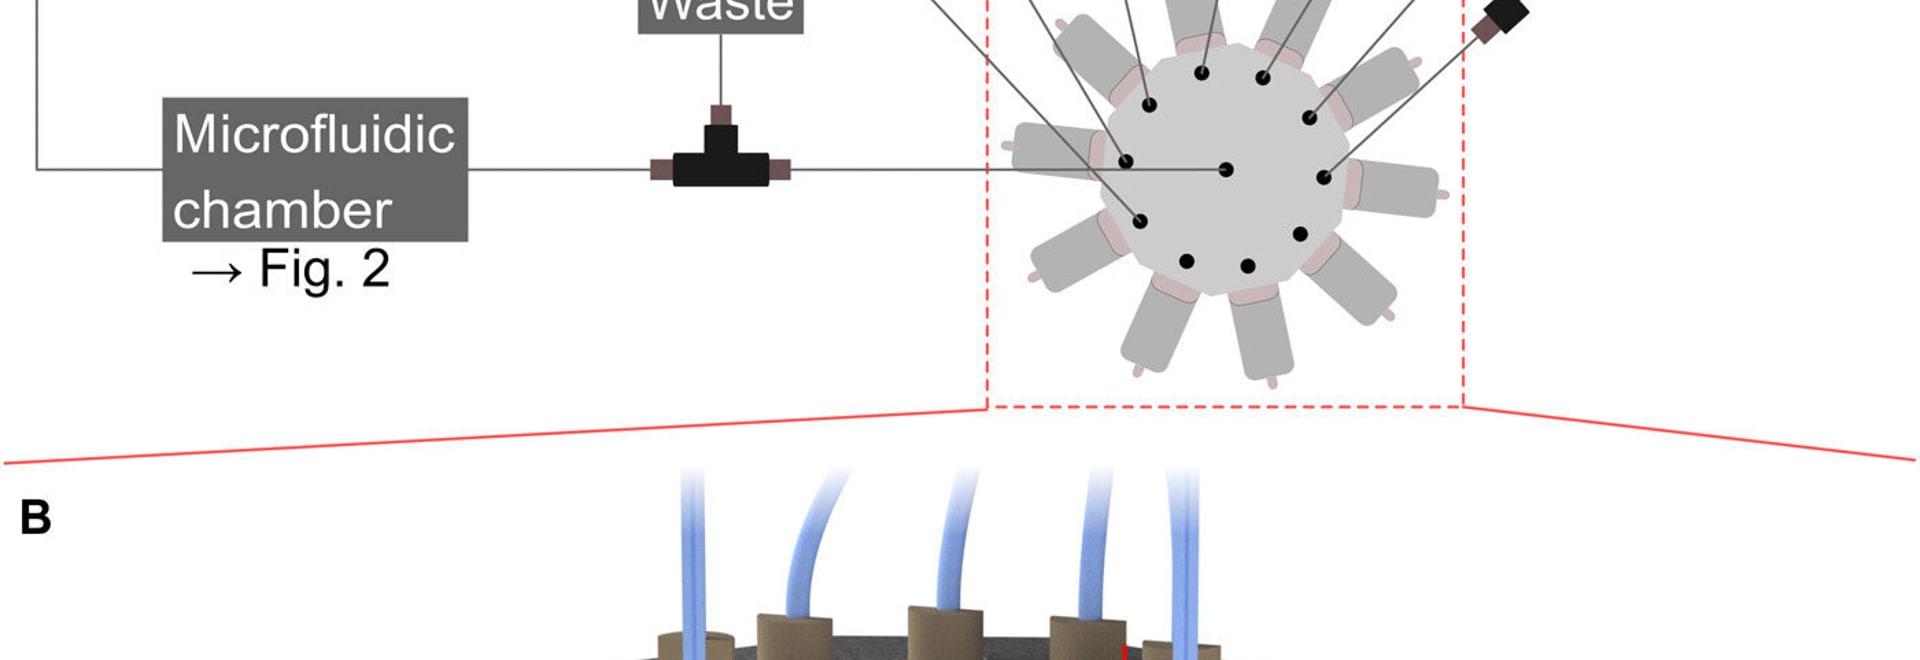 Les chercheurs intègrent le système microfluidic dans l'imprimante de DLW 3D pour nanoprinting multimaterial